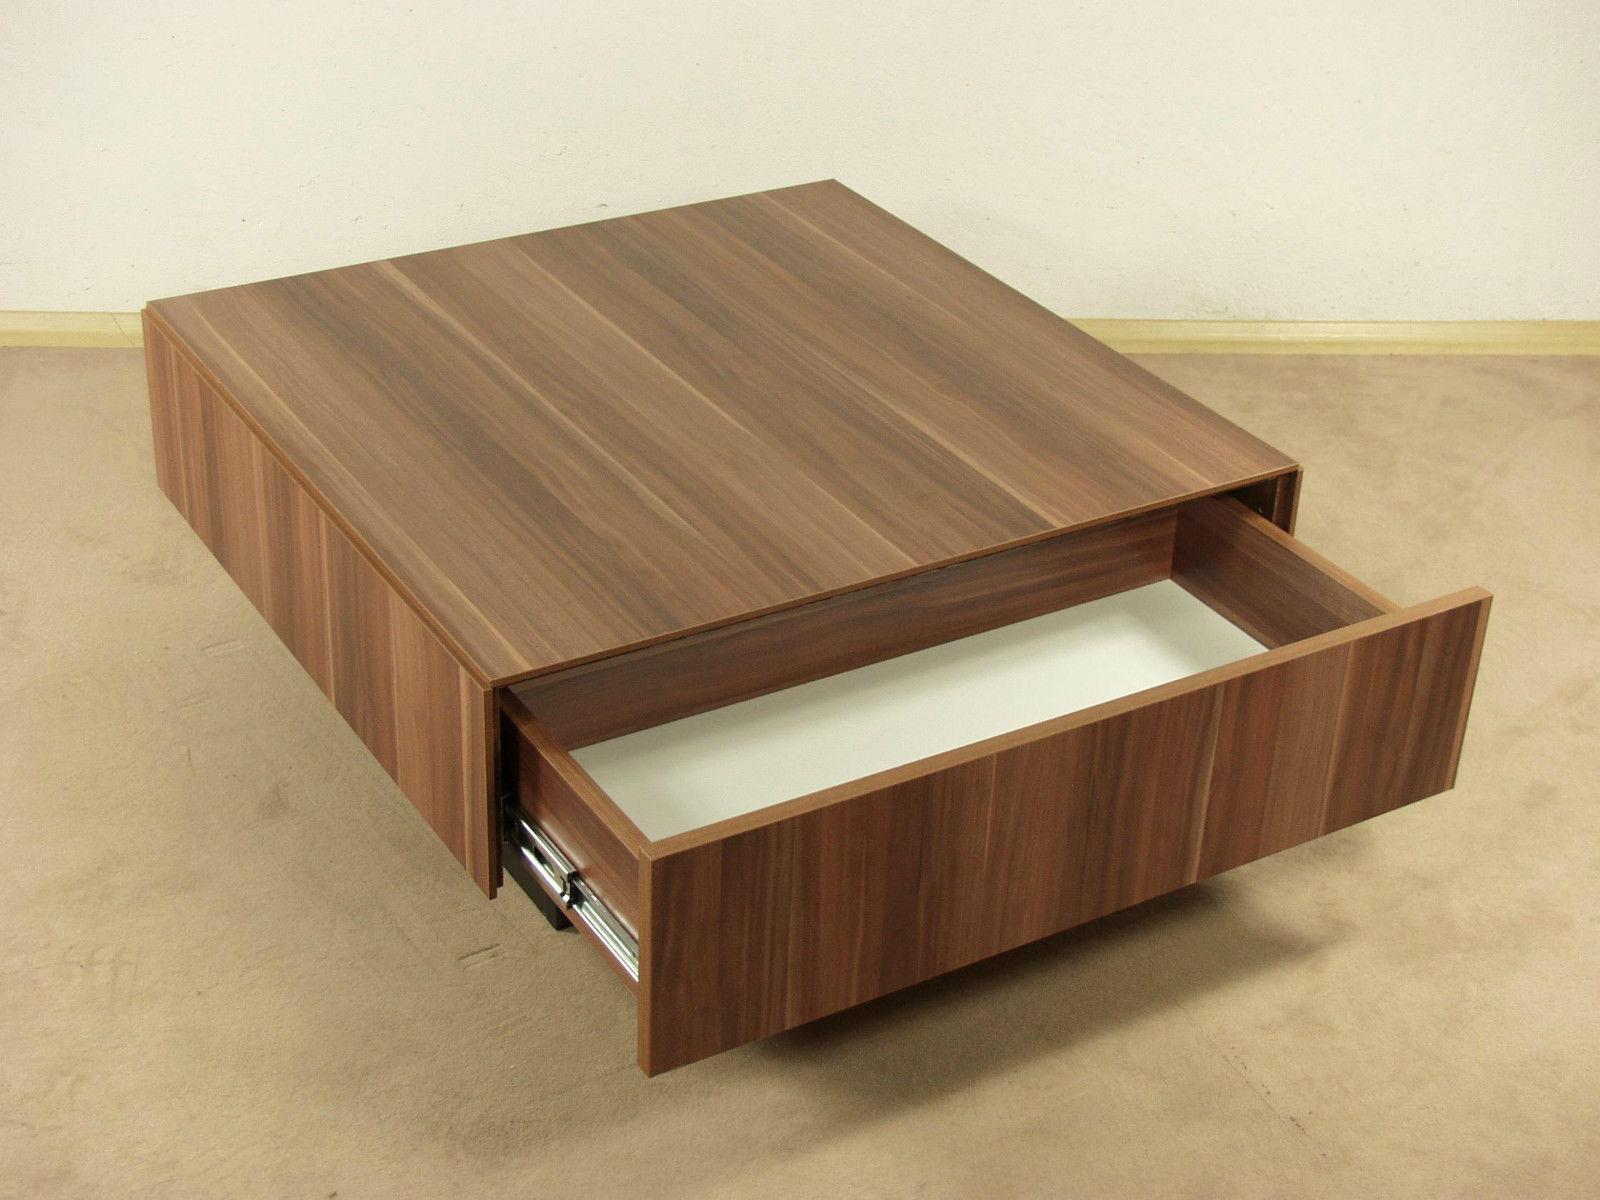 Couchtisch kernnuss Tisch Wohnzimmertisch Sofatisch Schubkasten design modern  Kaufen bei go